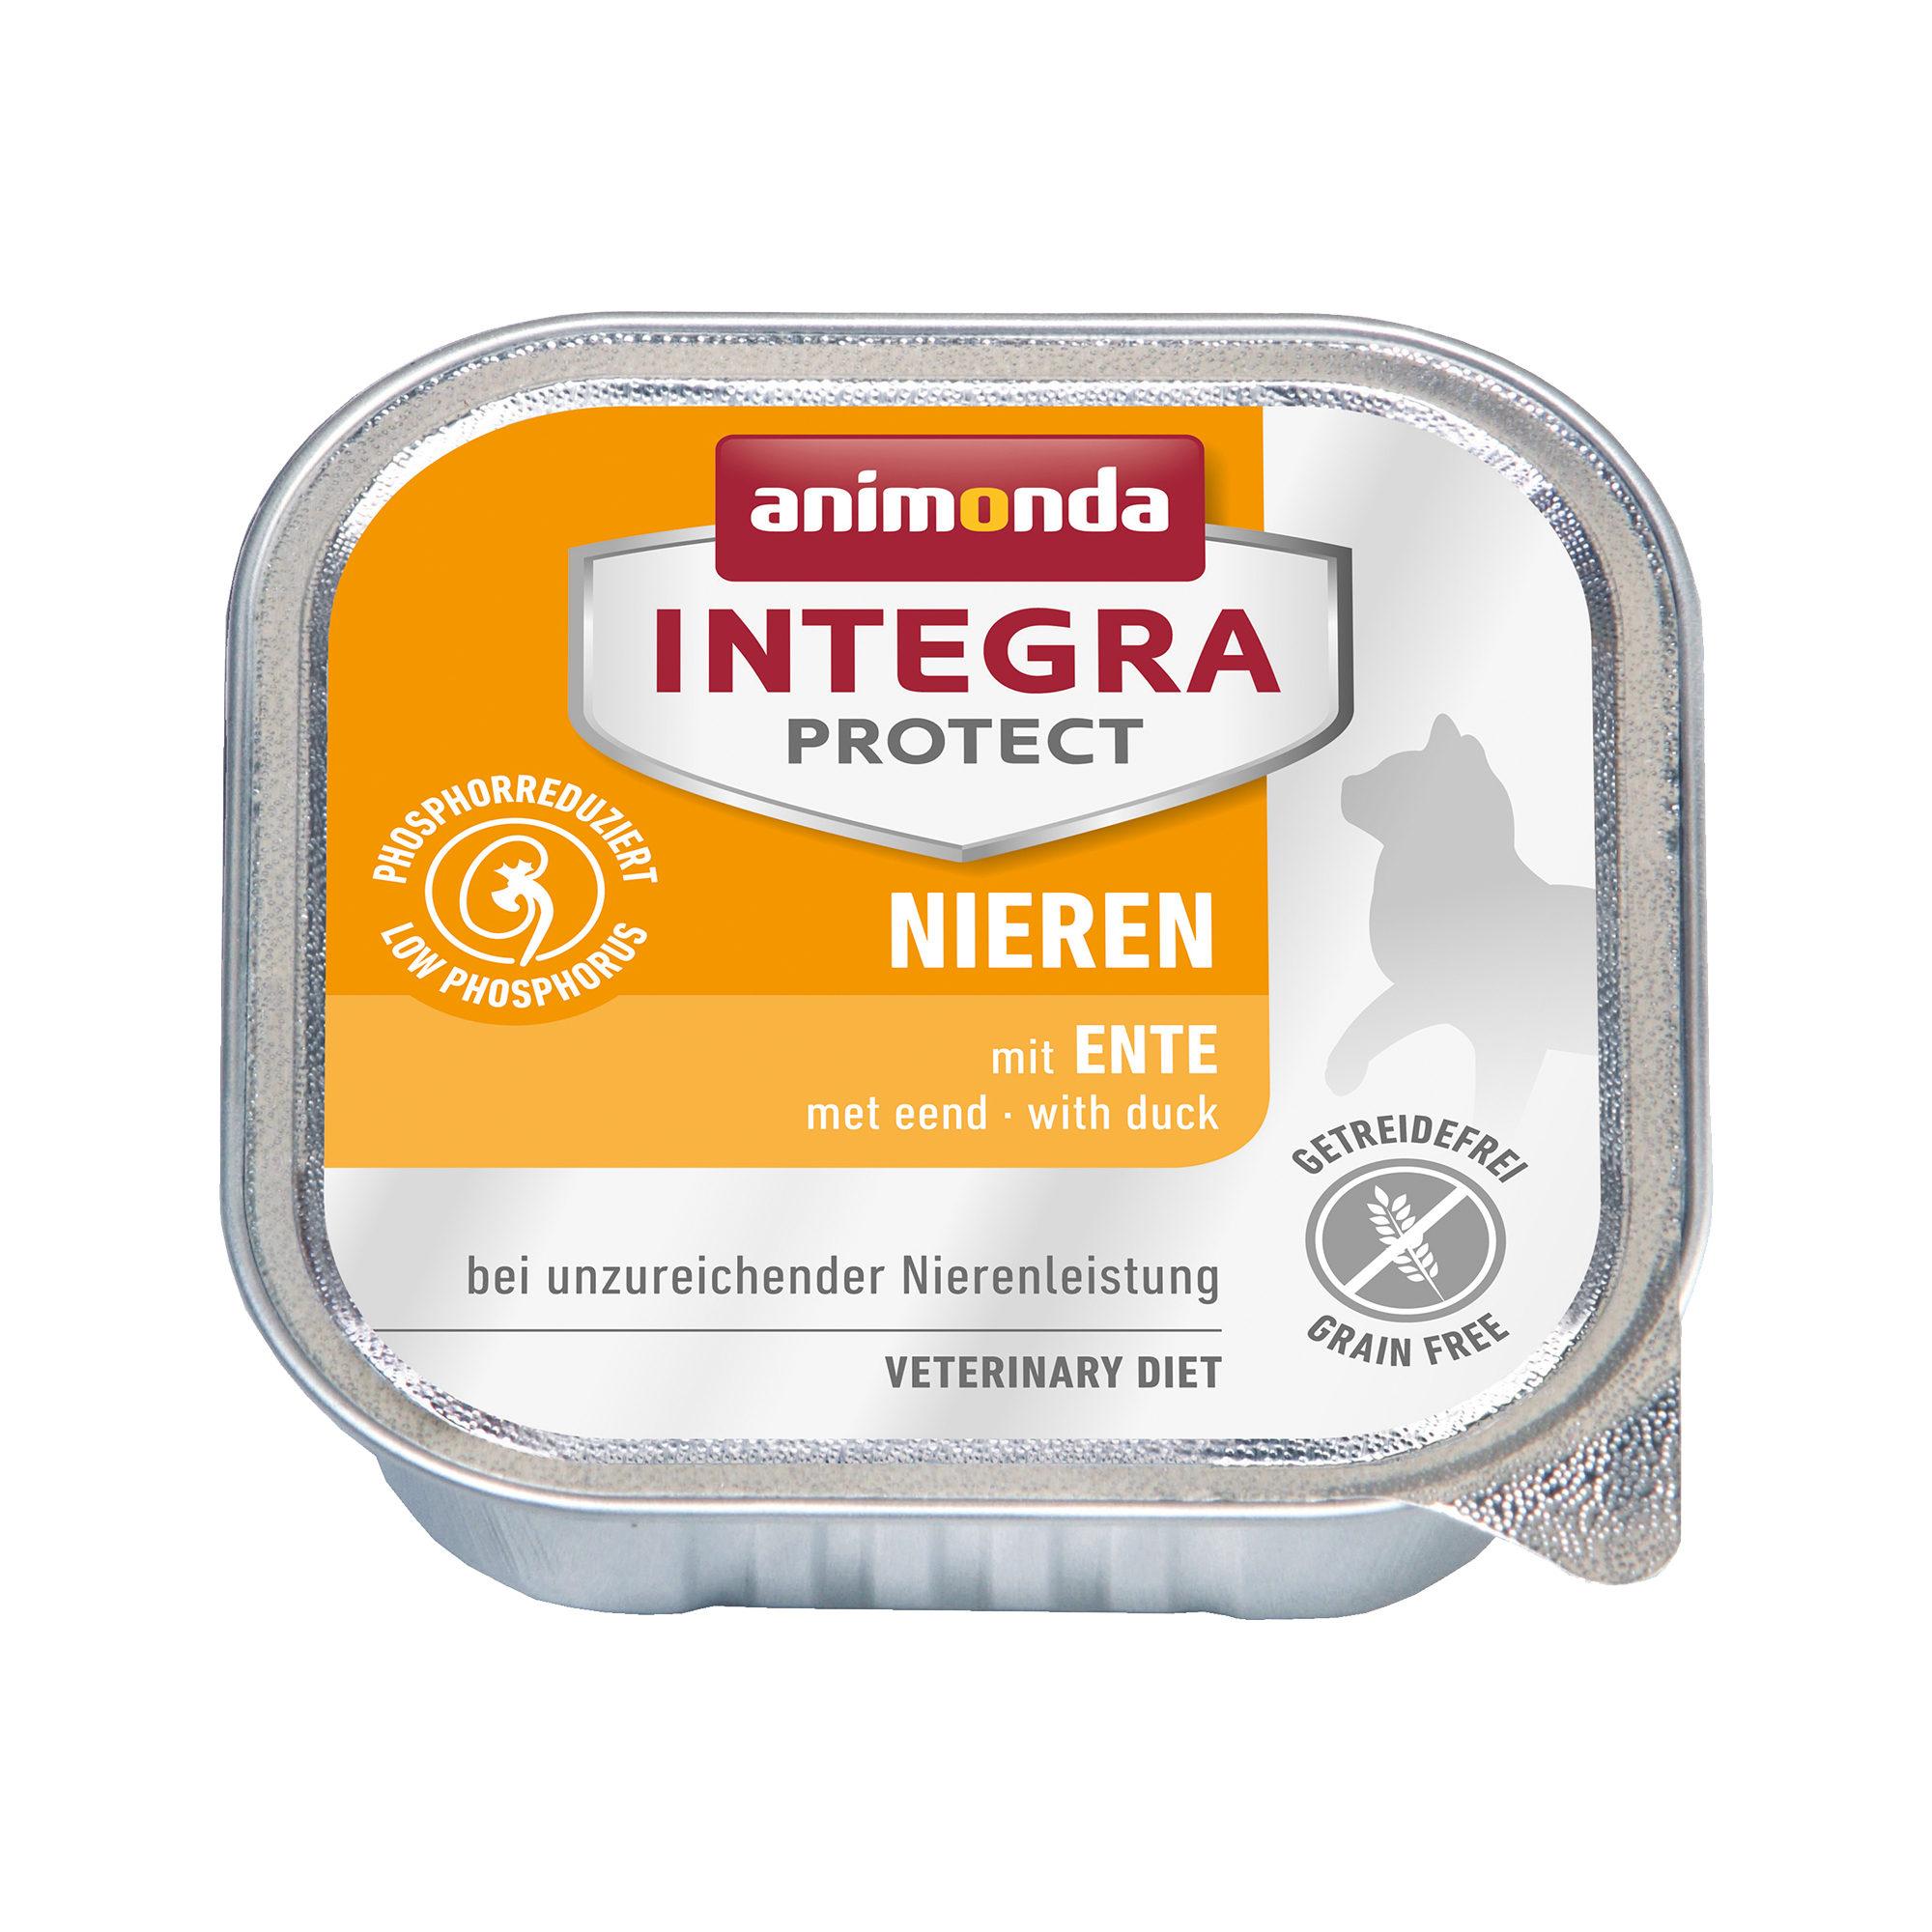 Animonda Integra Protect Cat Nieren Ente - 16 x 100 g